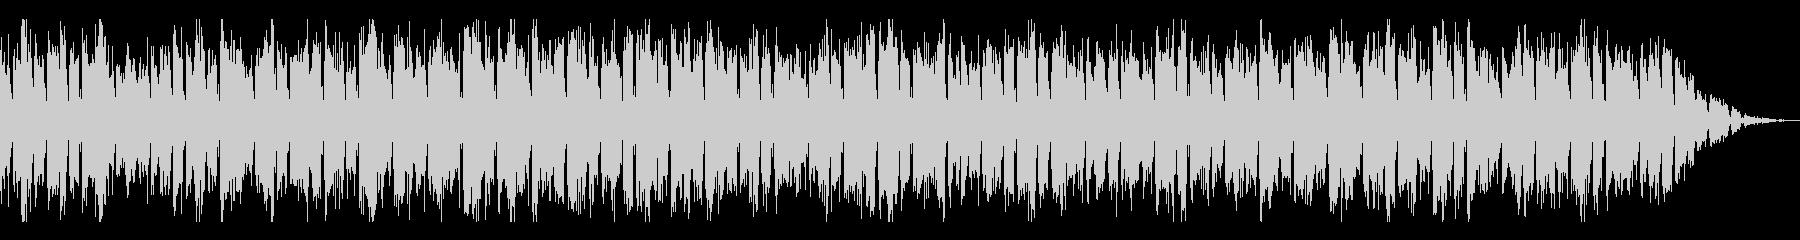 自機(キャラ選択)BGMの未再生の波形